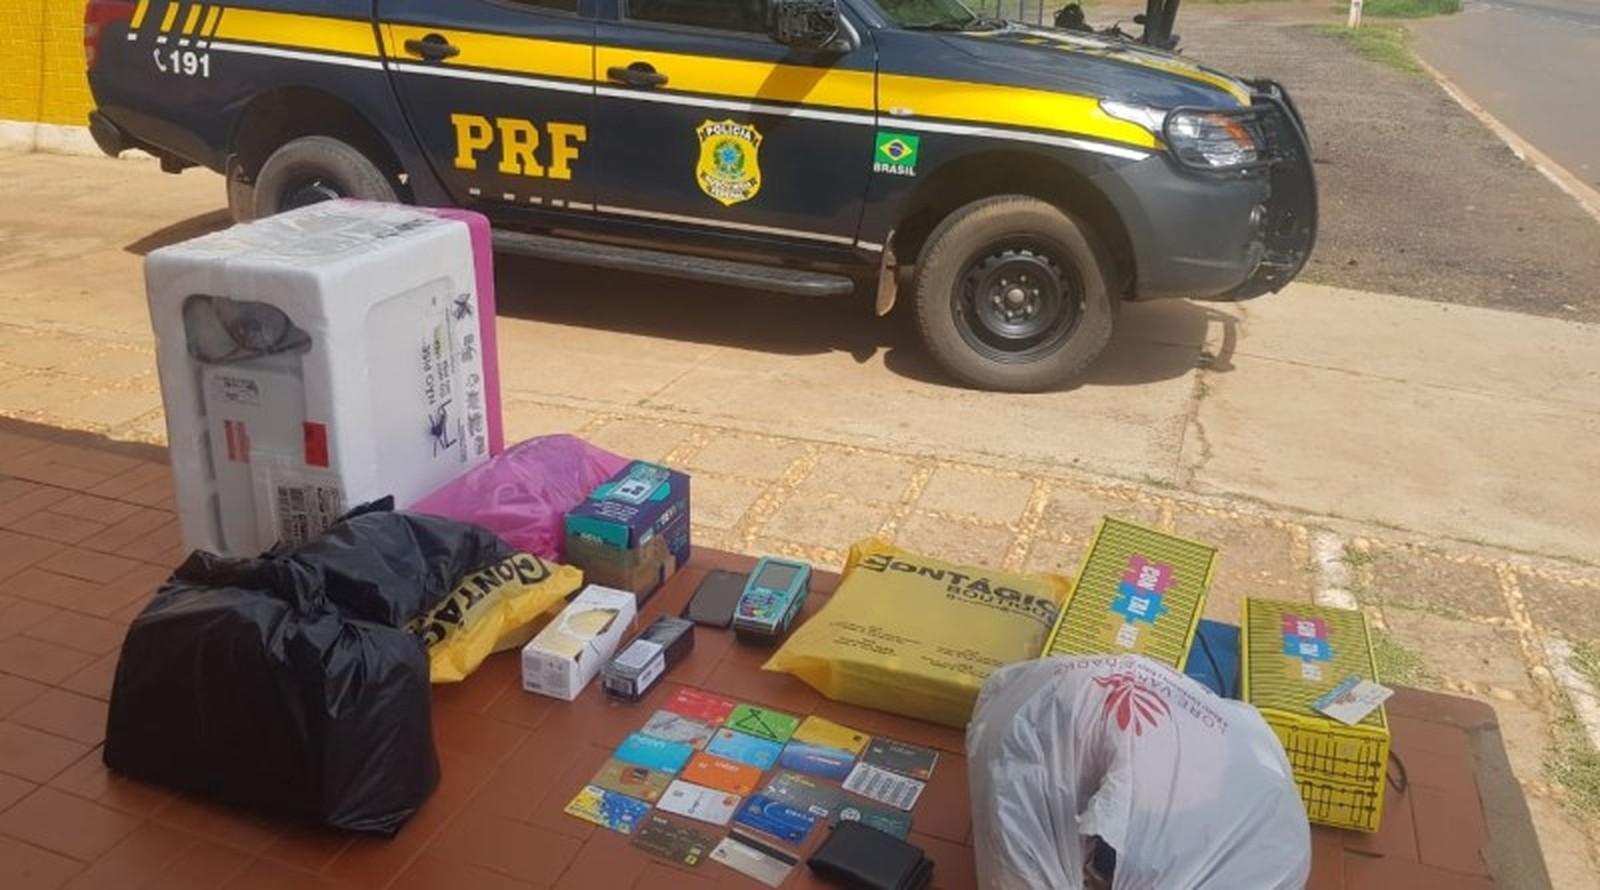 Casal suspeito de golpes é preso com 17 cartões de crédito em Valença do PI